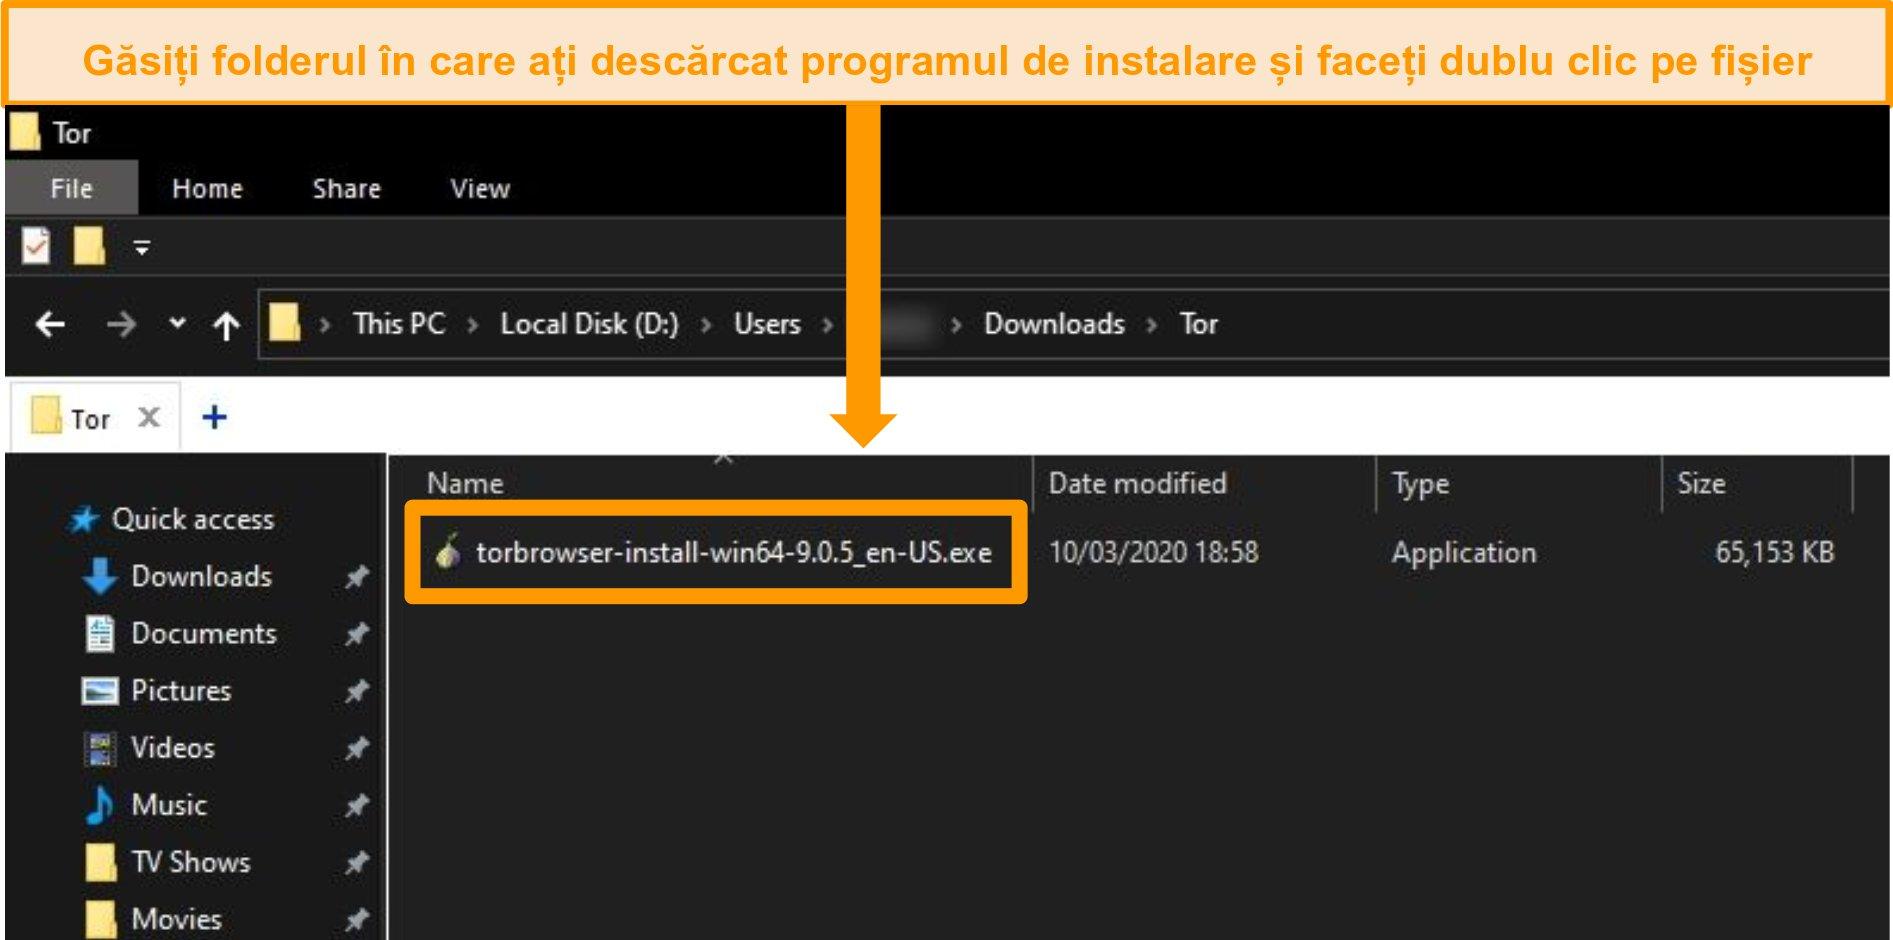 Screenshot a instalatorului Tor în folderul de descărcare pe Windows 10